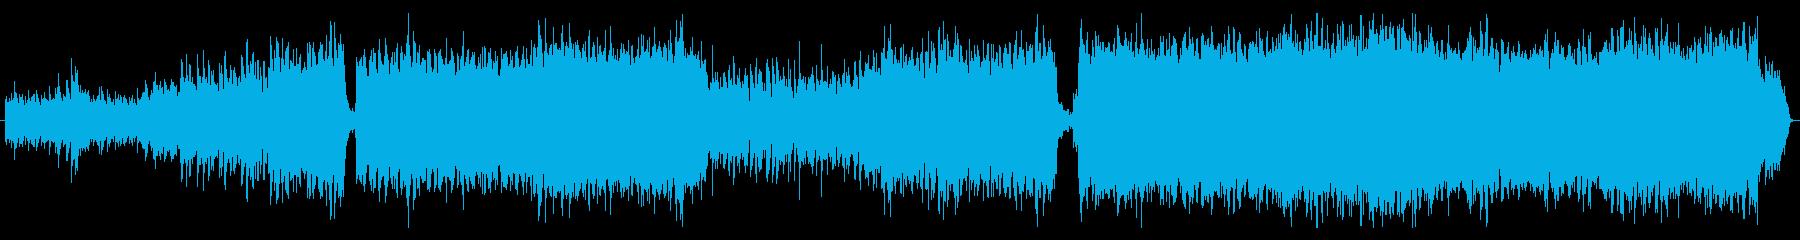 遠い記憶のかけら(リミックス)の再生済みの波形